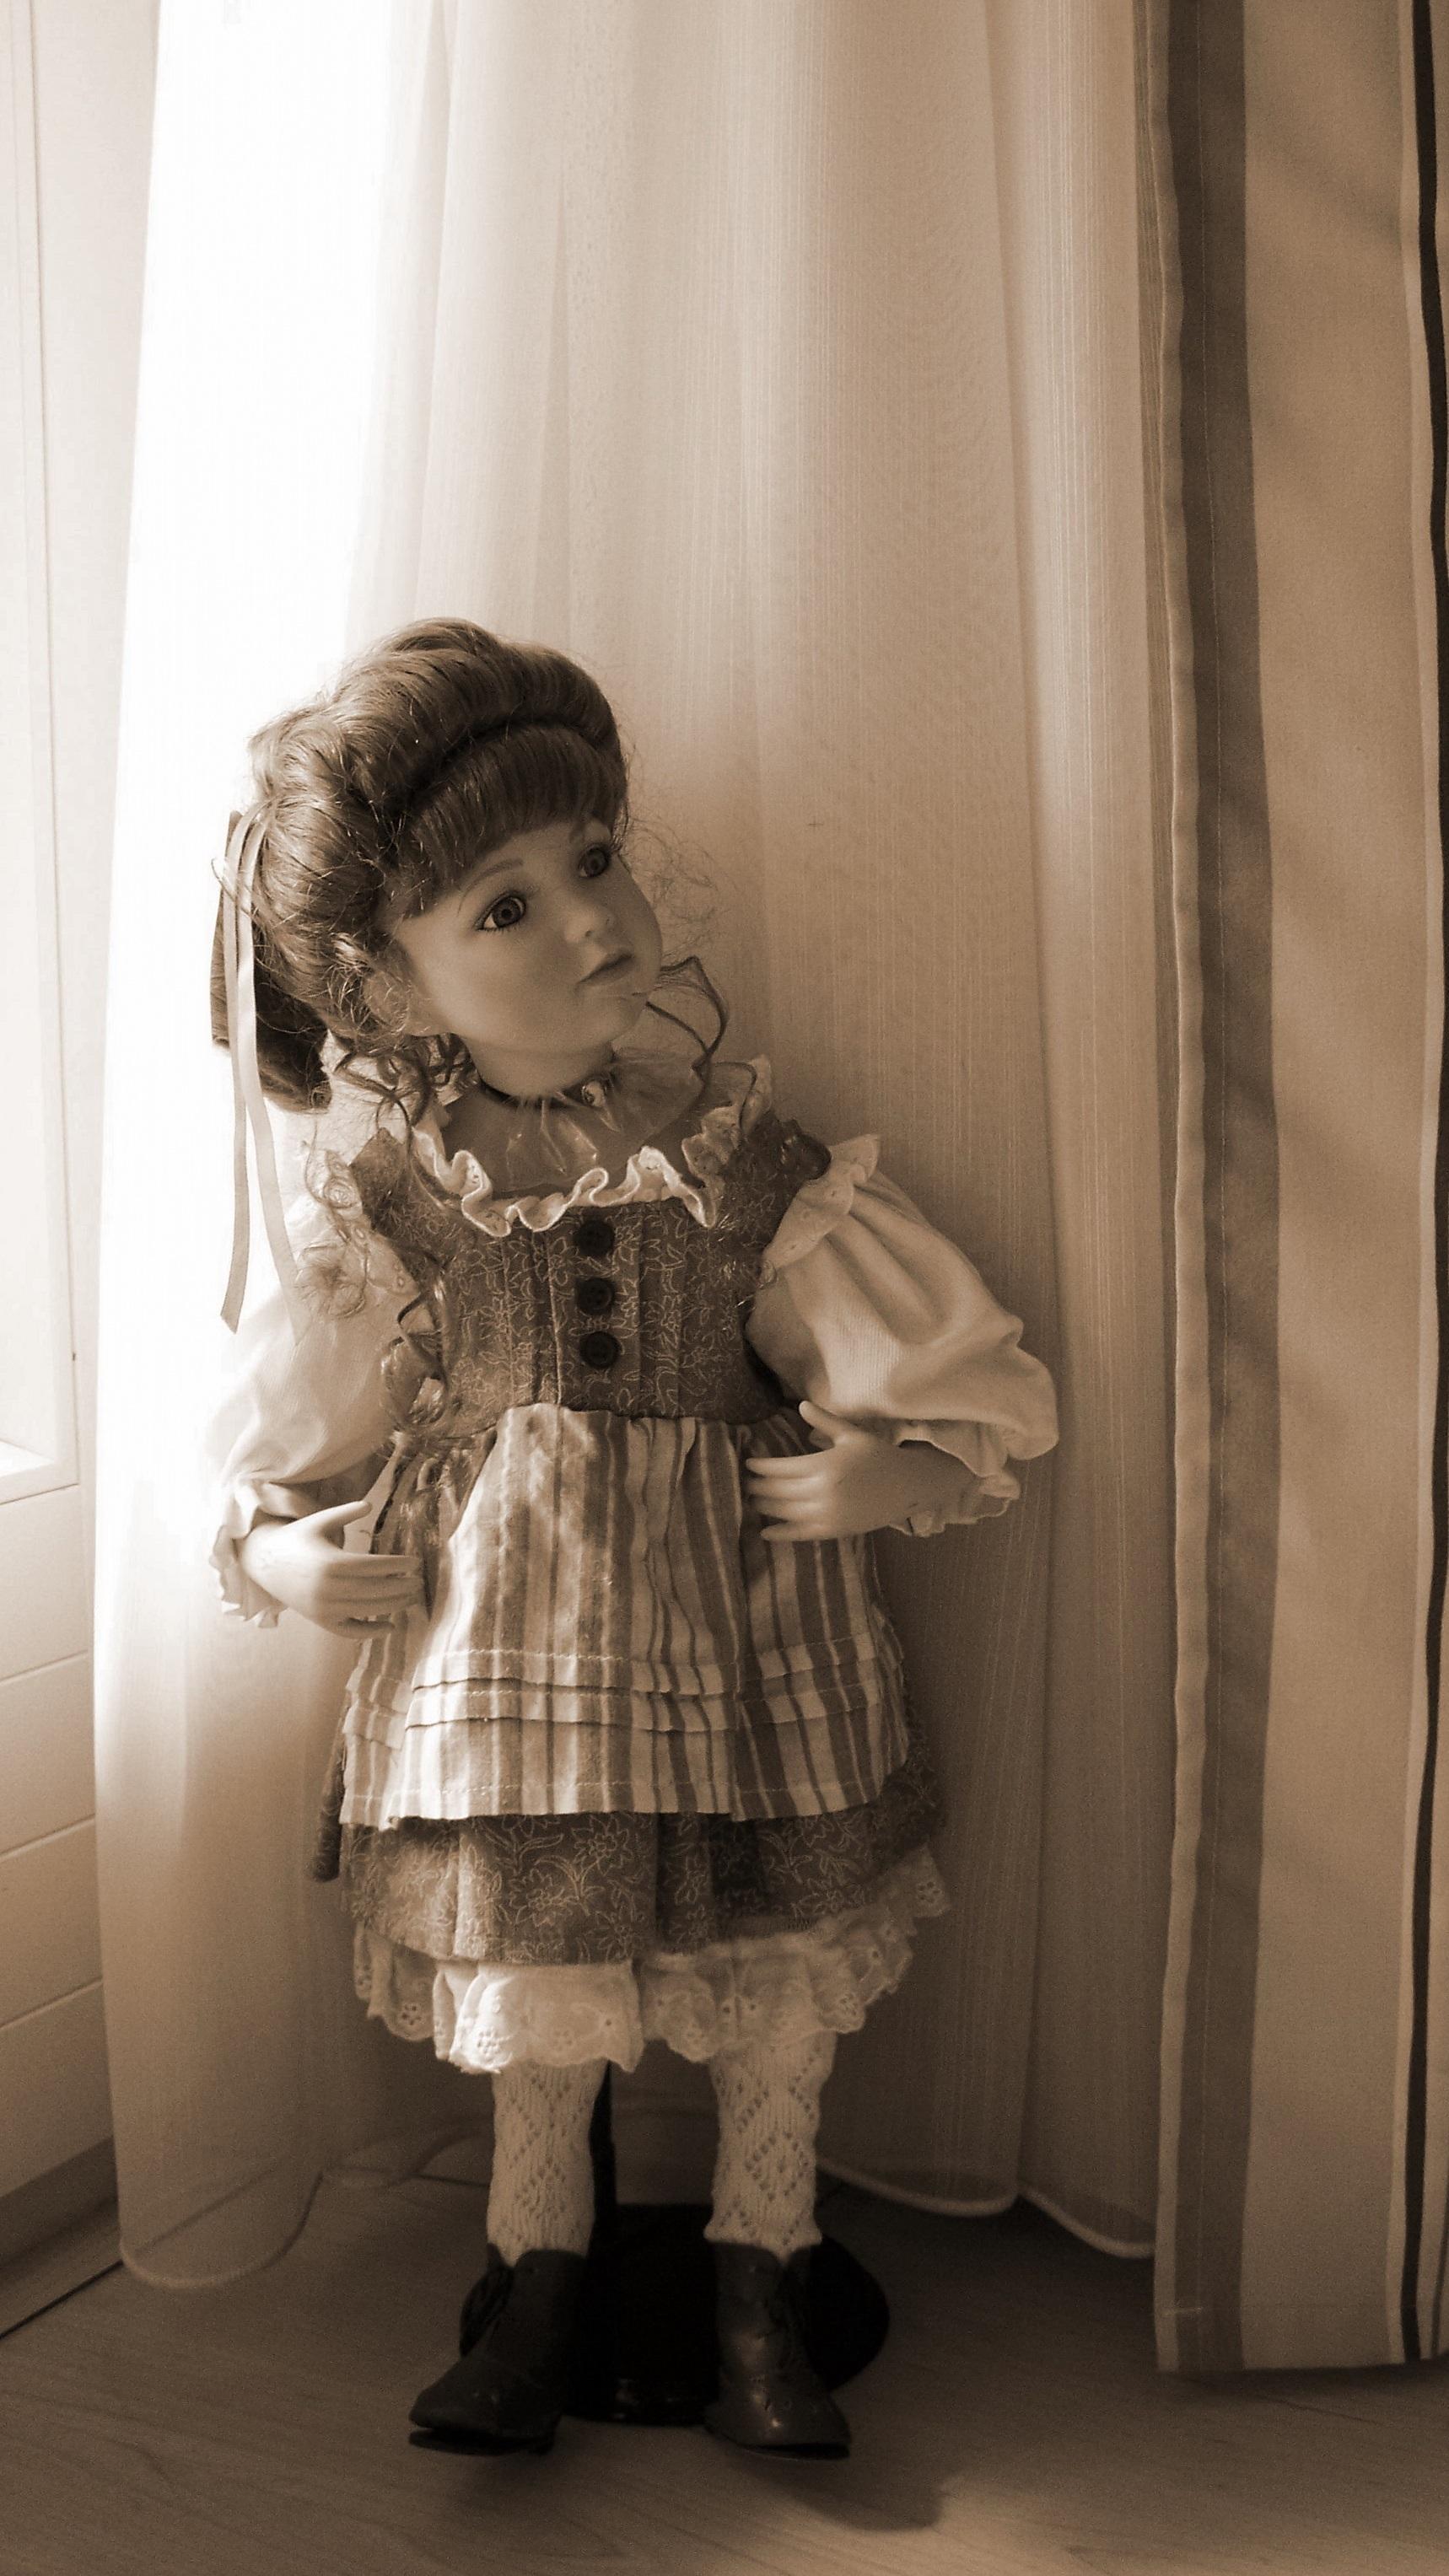 Free Images White Portrait Child Fashion Clothing Art Dress